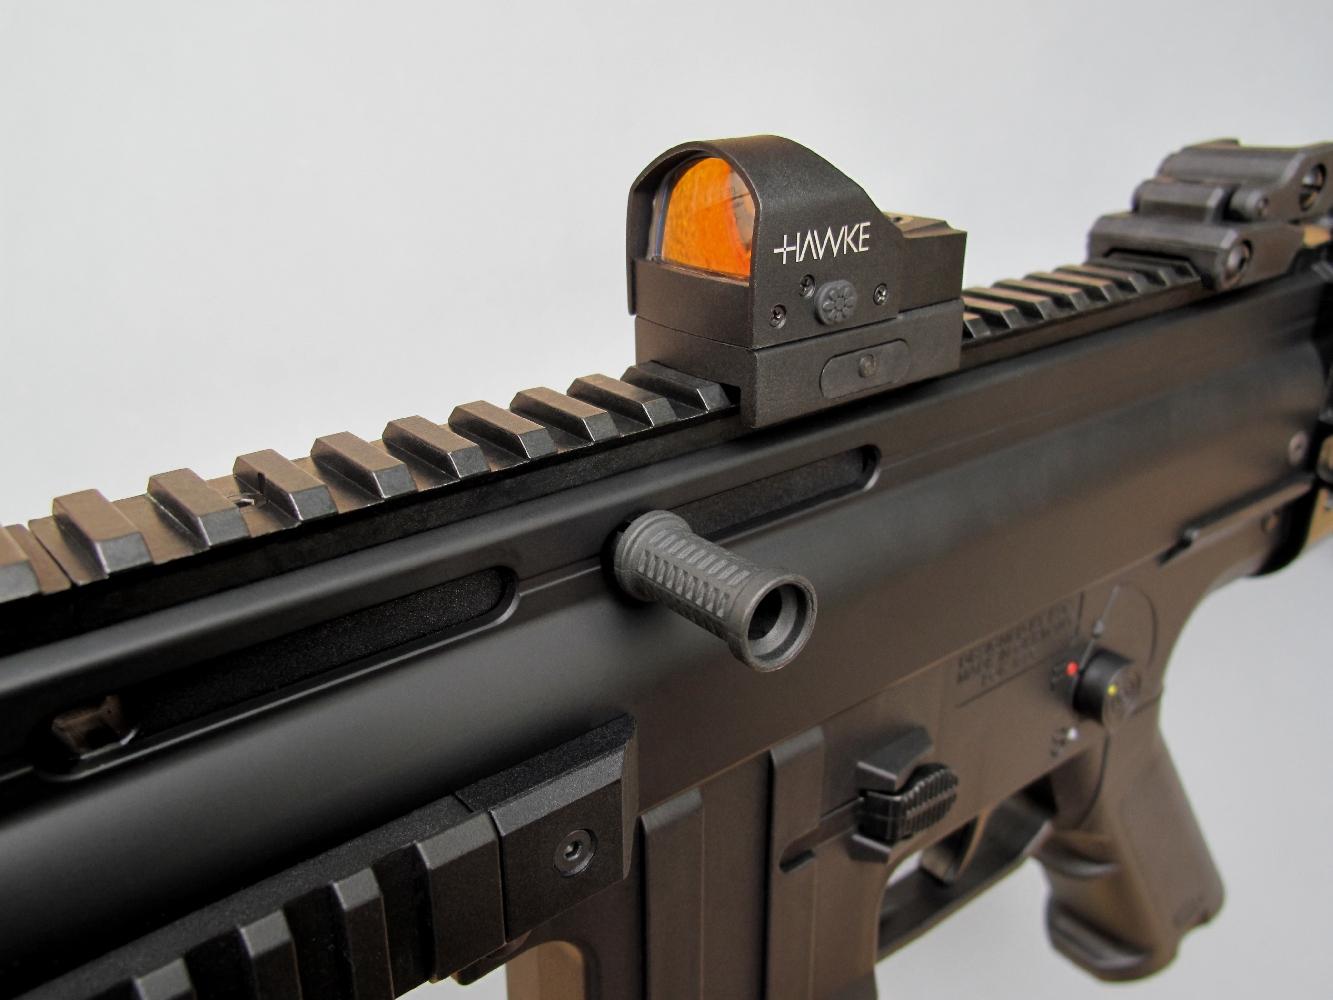 Nous avons également utilisé un viseur Point rouge compact Hawke Reflex Dot, qui se révèle idéal pour effectuer des tirs récréatifs de type Plinking. Il procure une appréciable polyvalence précision/rapidité et peut être utilisé sans qu'il soit nécessaire de déposer les excellents éléments de visée mécaniques dont cette carabine est équipée d'origine.